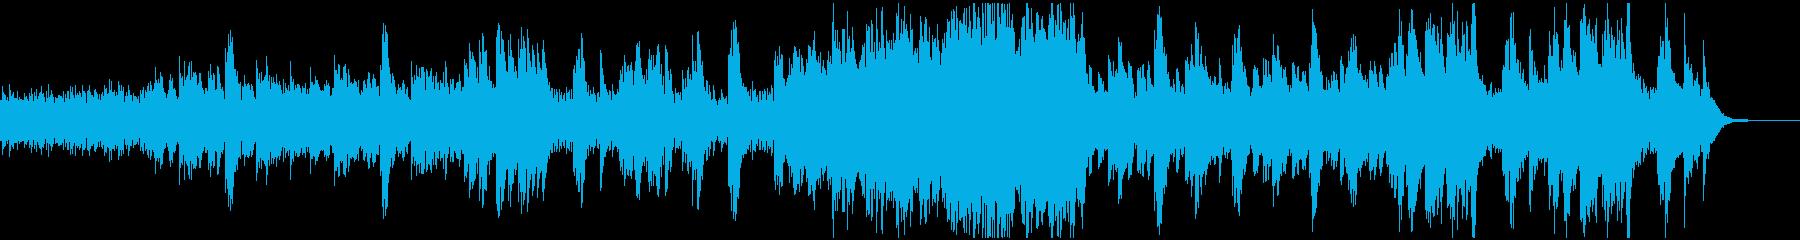 ピアノが幻想的なSF系BGMの再生済みの波形